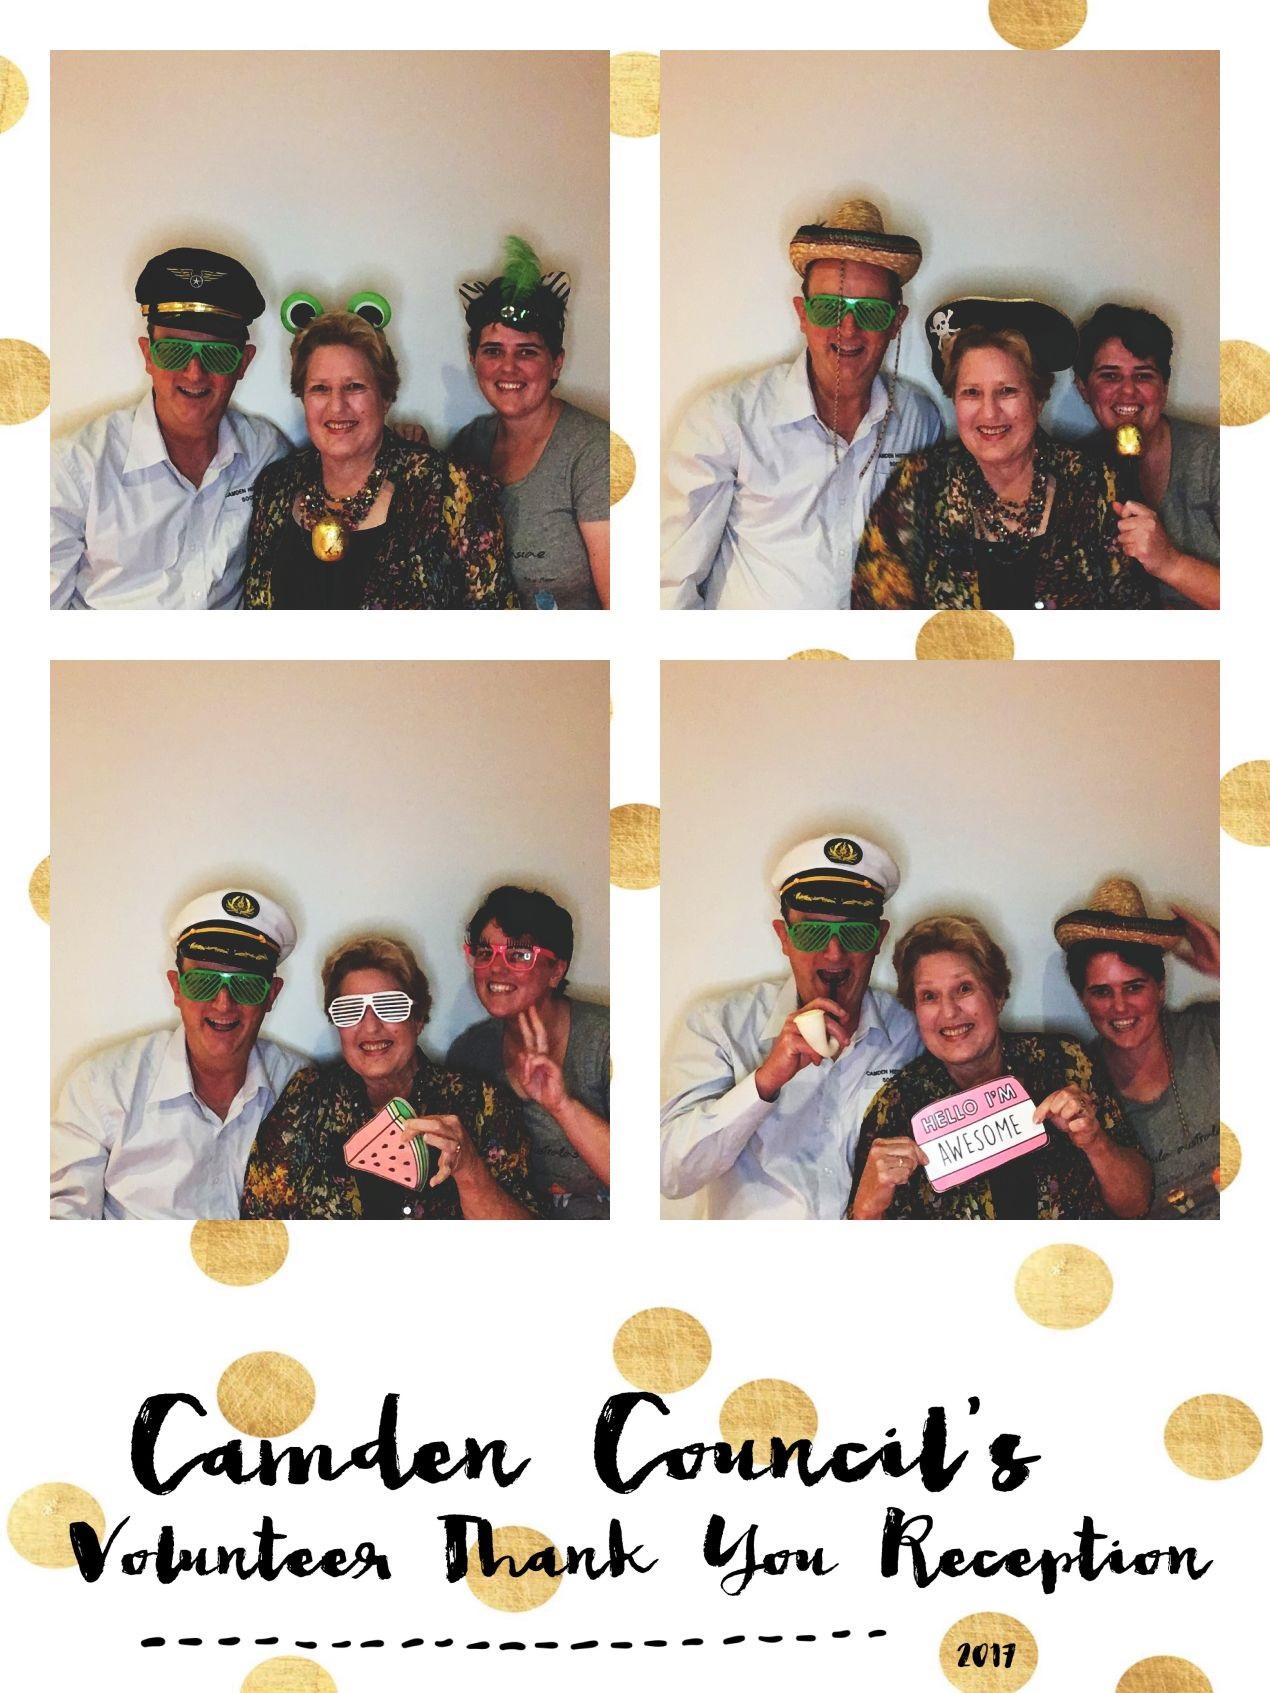 Camden Volunteers Night PhotoBooth 2017.